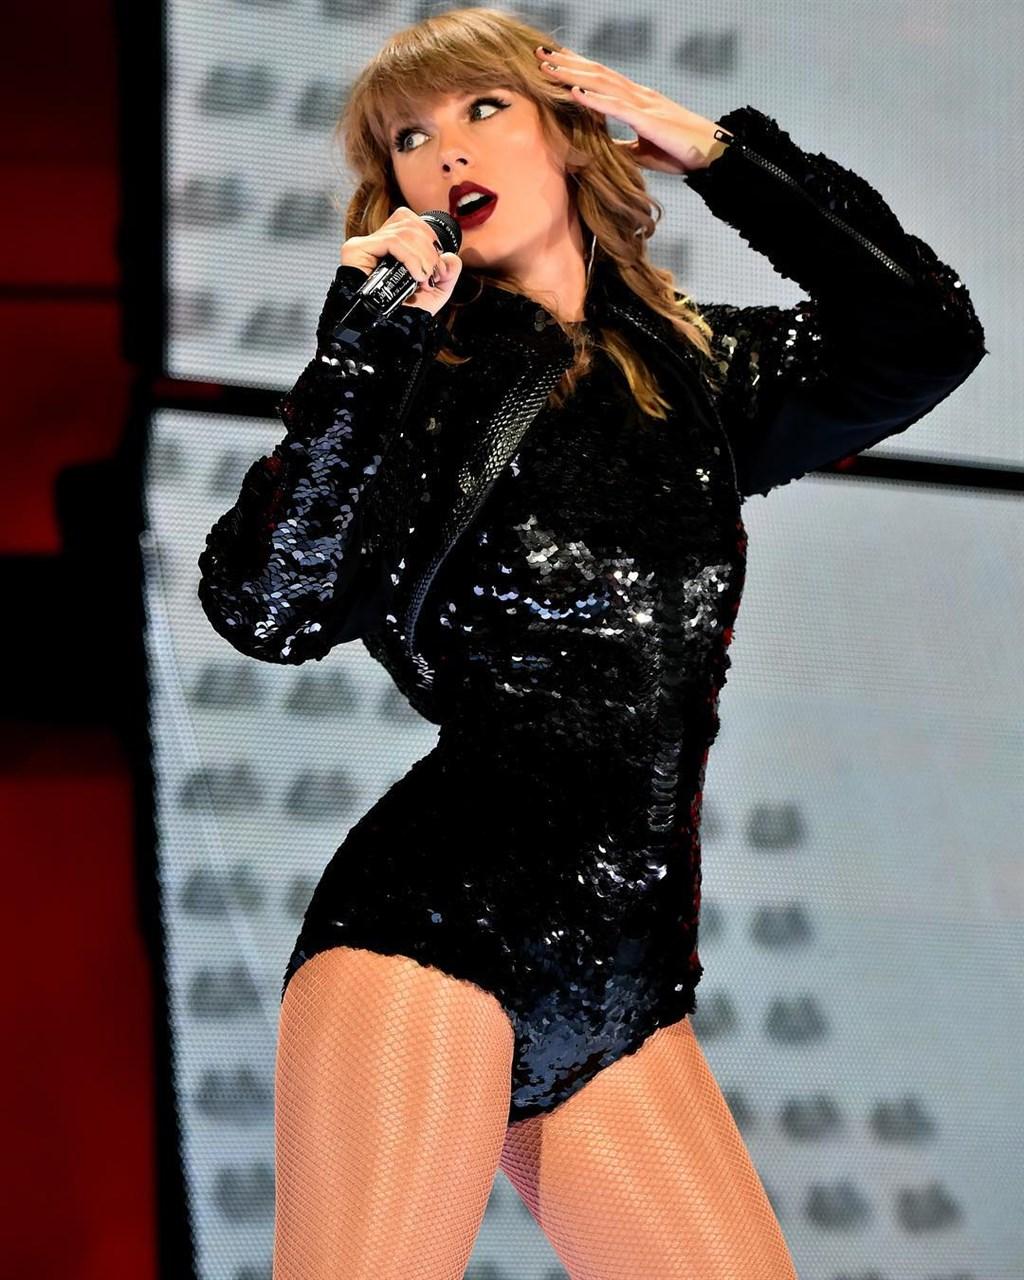 美國人氣女歌手泰勒絲2018年展開「舉世盛名」專輯巡迴演唱,讓她以1億8500萬美元(約新台幣57億元)收入登上富比世2019年百大名人收入榜首。(圖取自facebook.com/TaylorSwift)